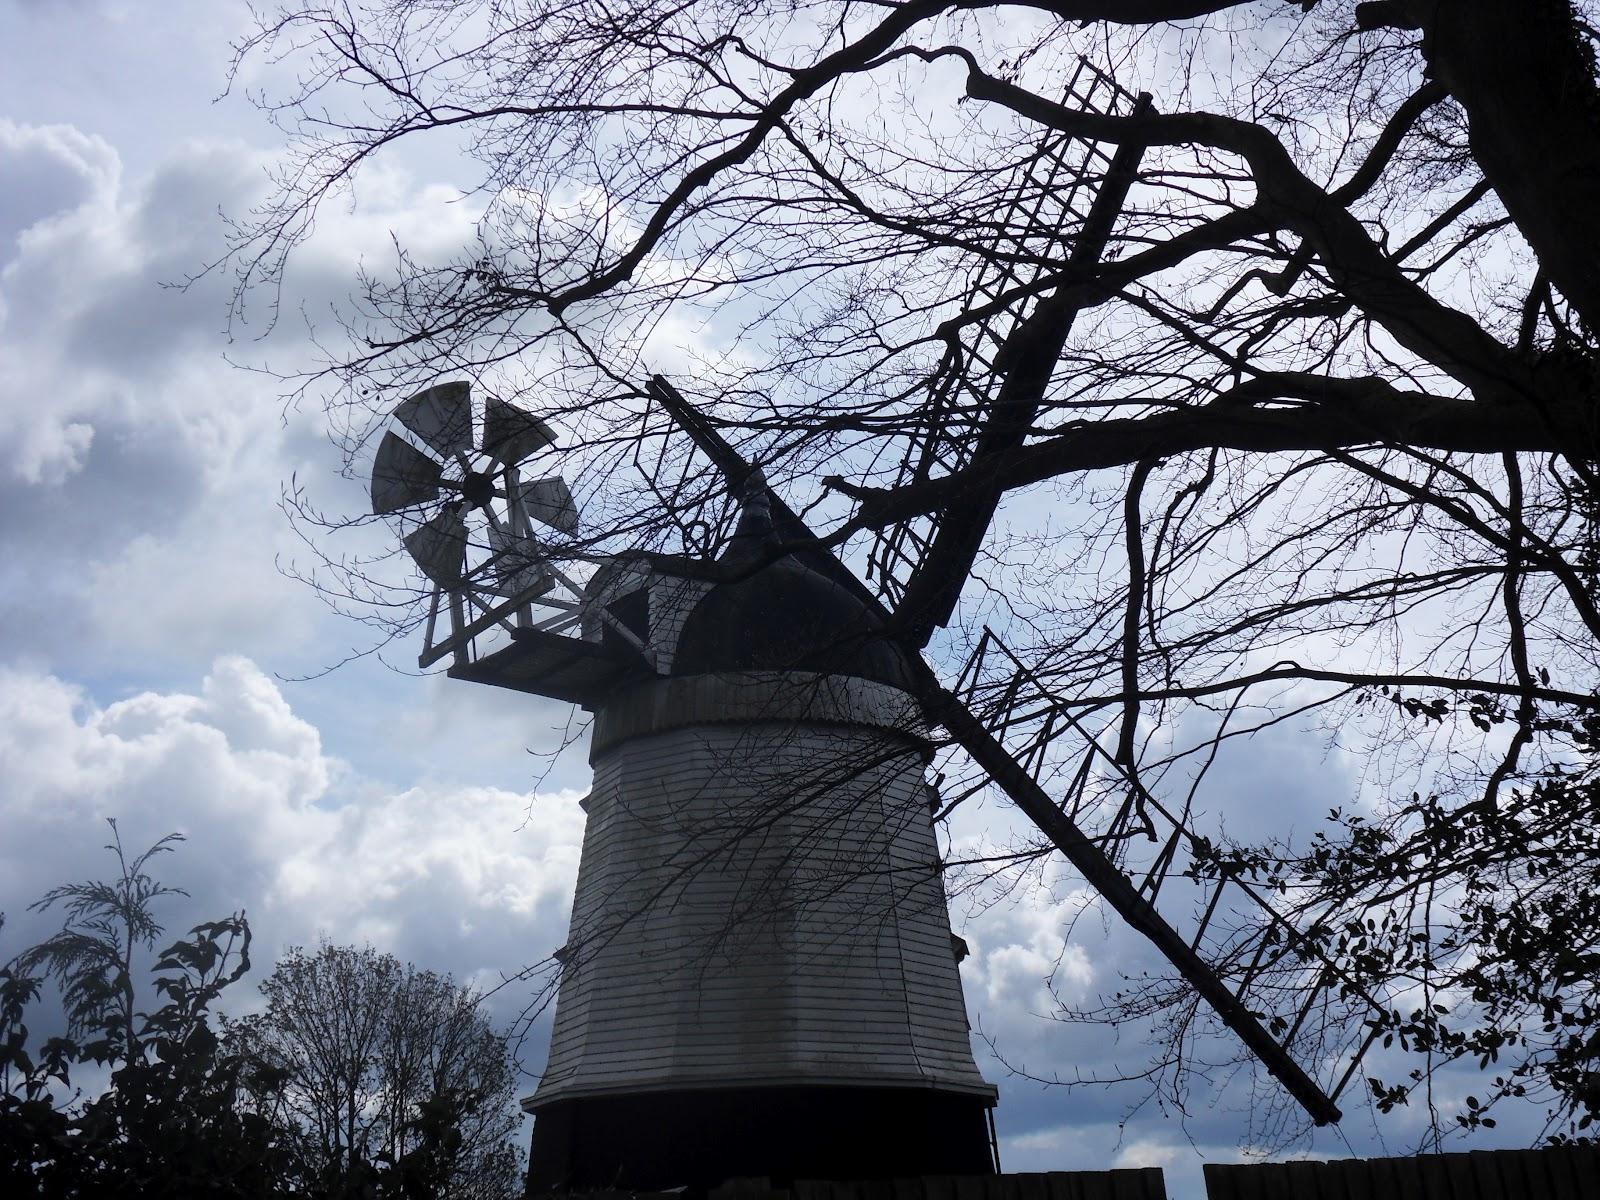 http://4.bp.blogspot.com/-yPzX9S96JRk/T5MQ3VG377I/AAAAAAAAlL4/2F3khqI2HSc/s1600/Turville+windmill.JPG